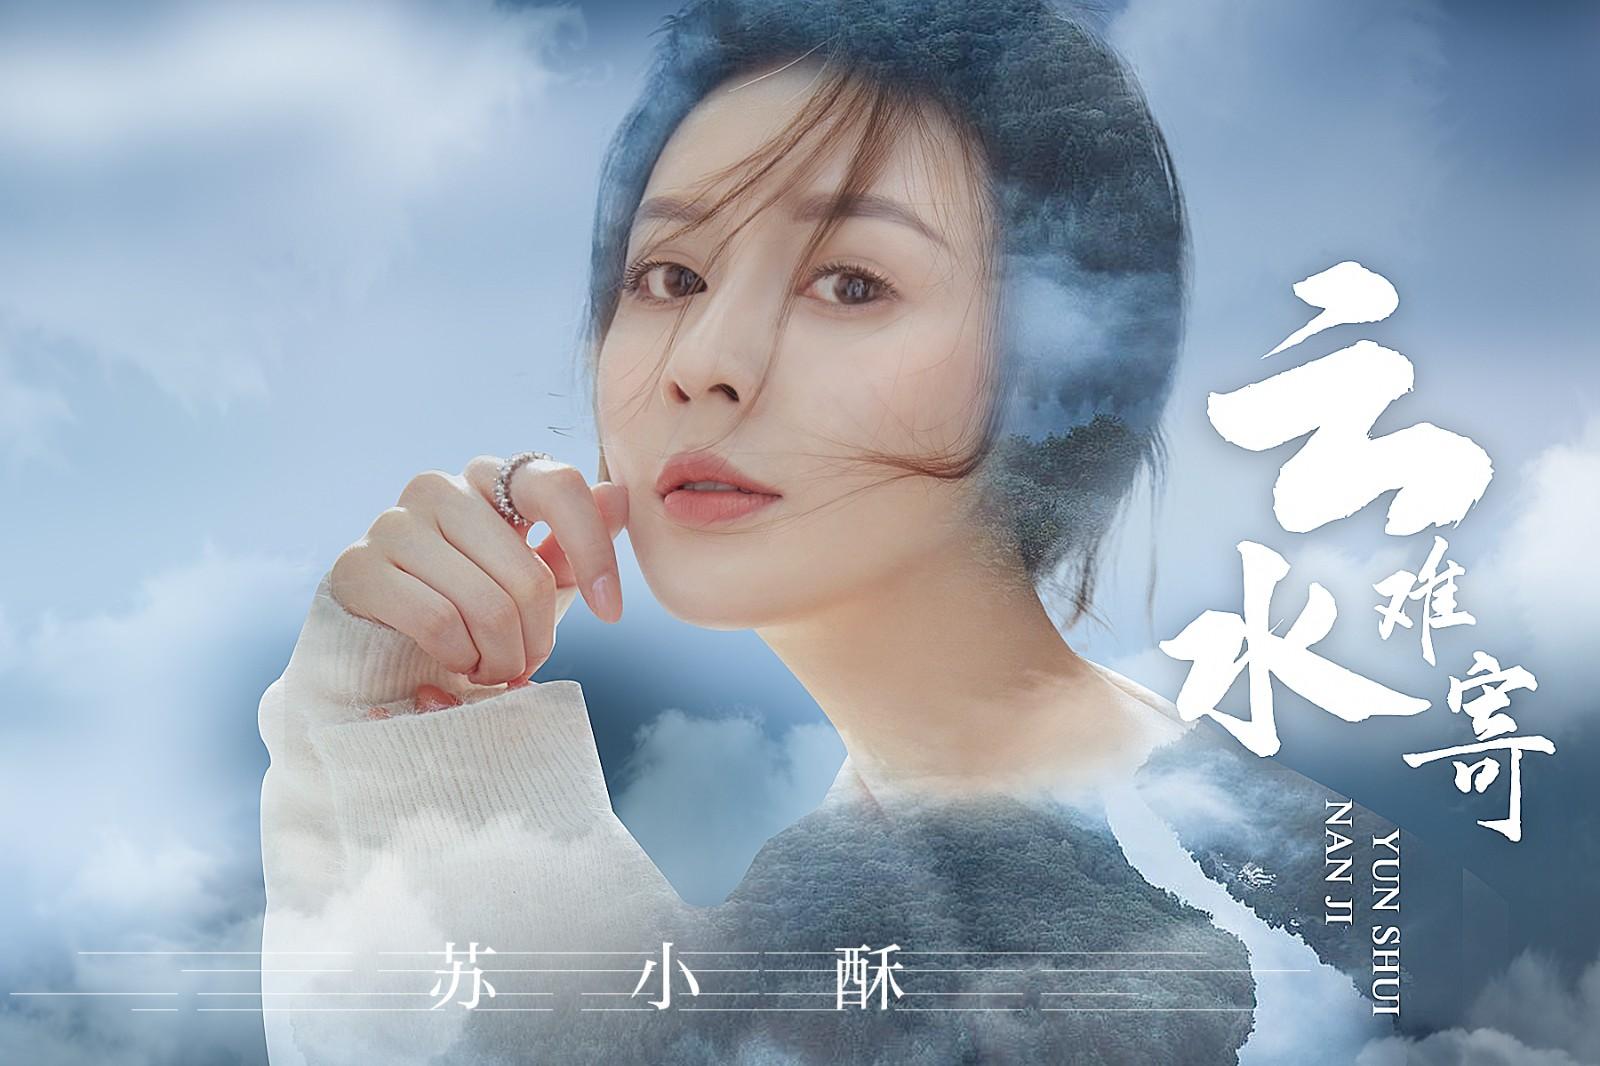 苏小酥新歌《云水难寄》 演绎痴心人的缱绻思念_音乐新闻_大众网